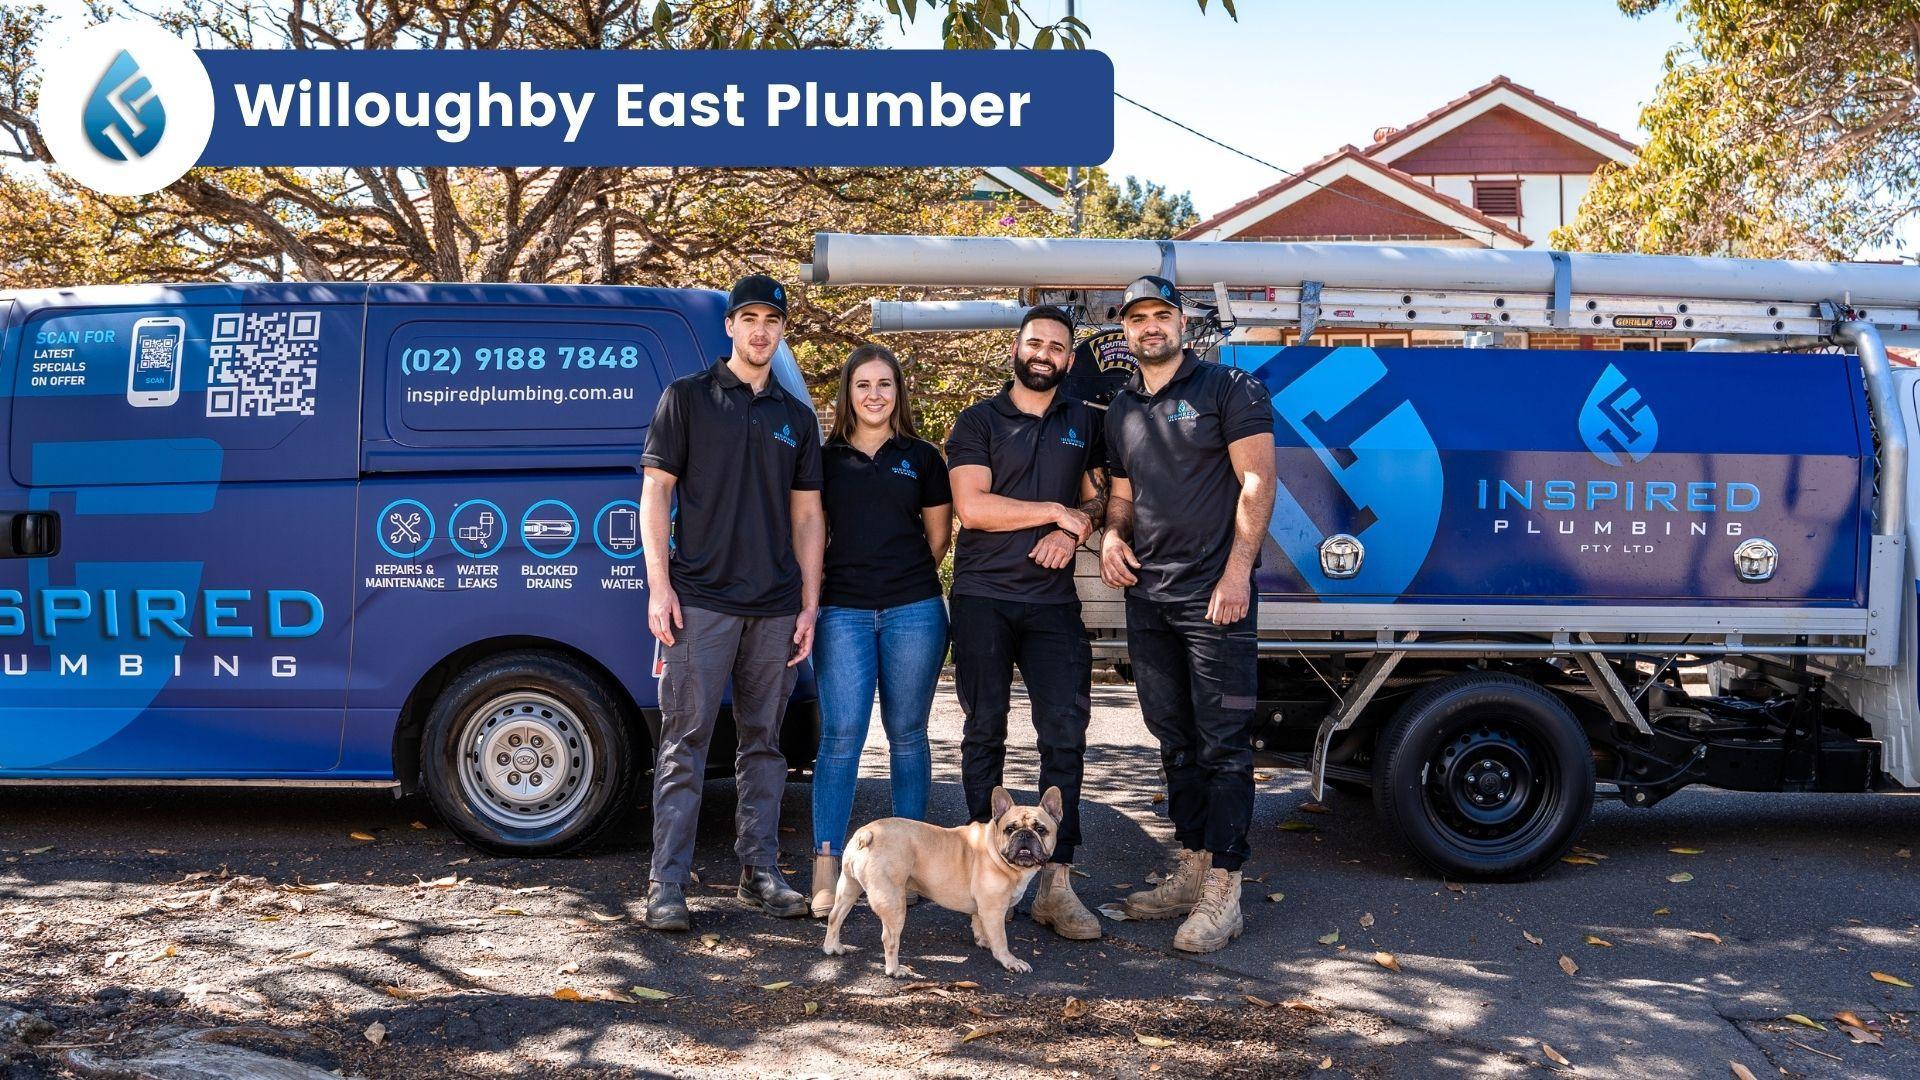 Inspired Plumbing 34 1